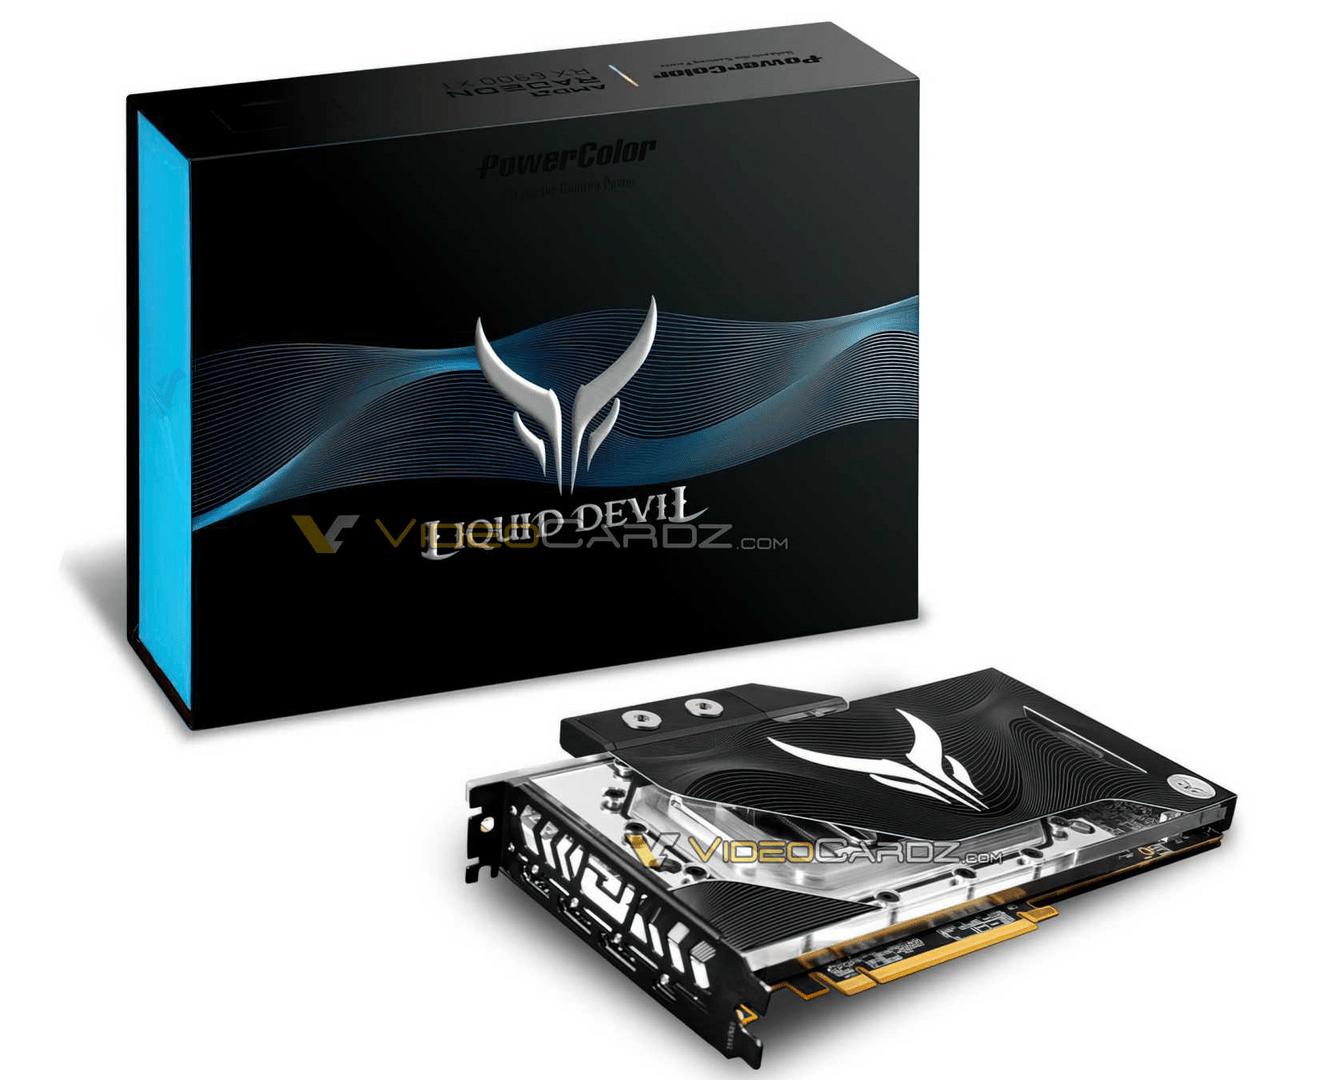 PowerColor Radeon RX 6900 XT Liquid Devil